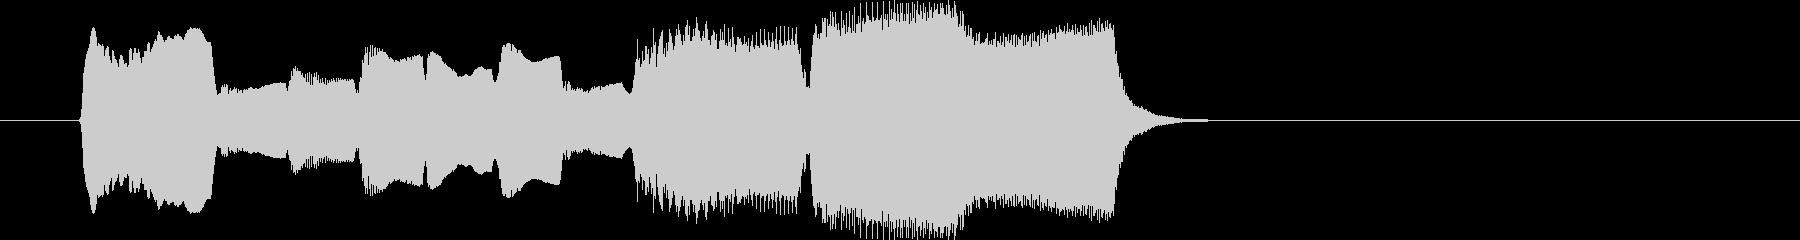 木管楽器による場面転換・アイキャッチの未再生の波形